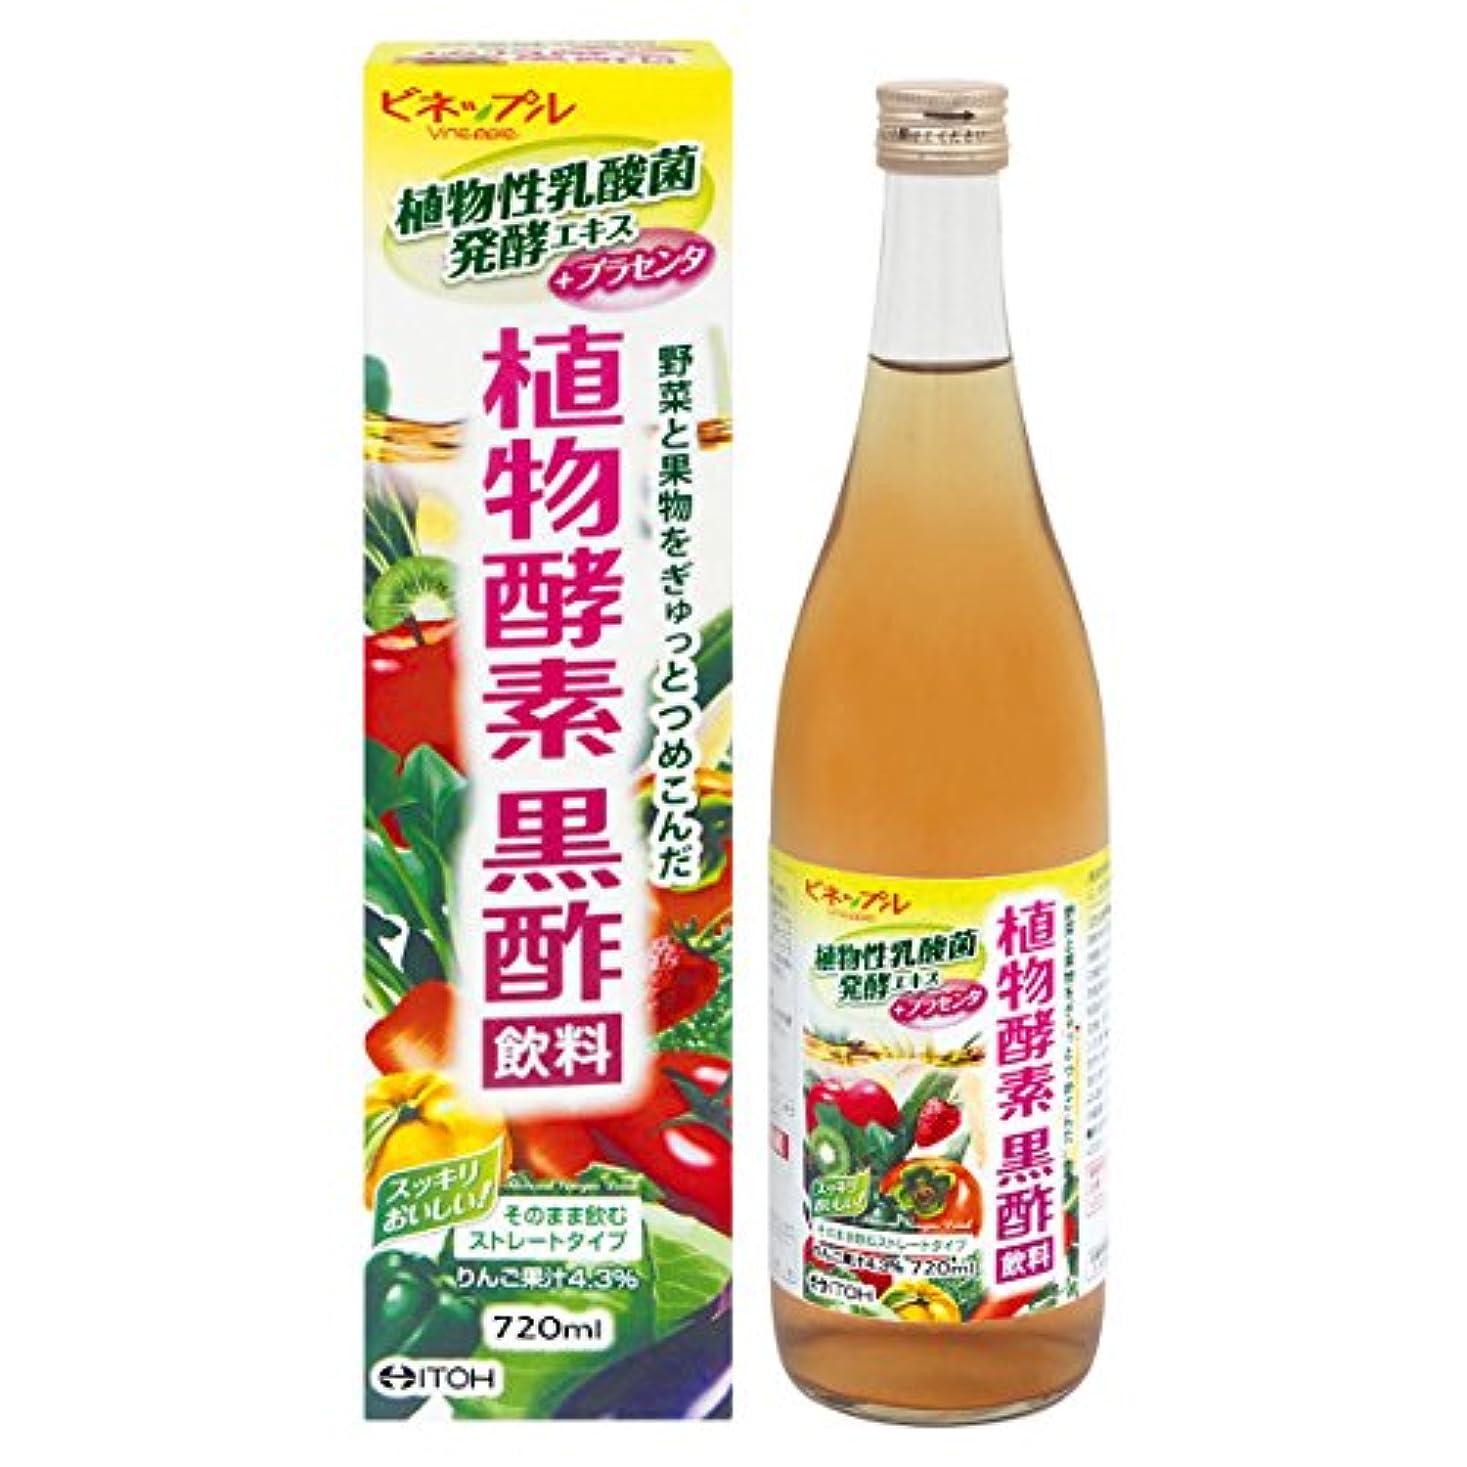 いわゆるで奨学金井藤漢方製薬 ビネップル 植物酵素黒酢飲料 720mL